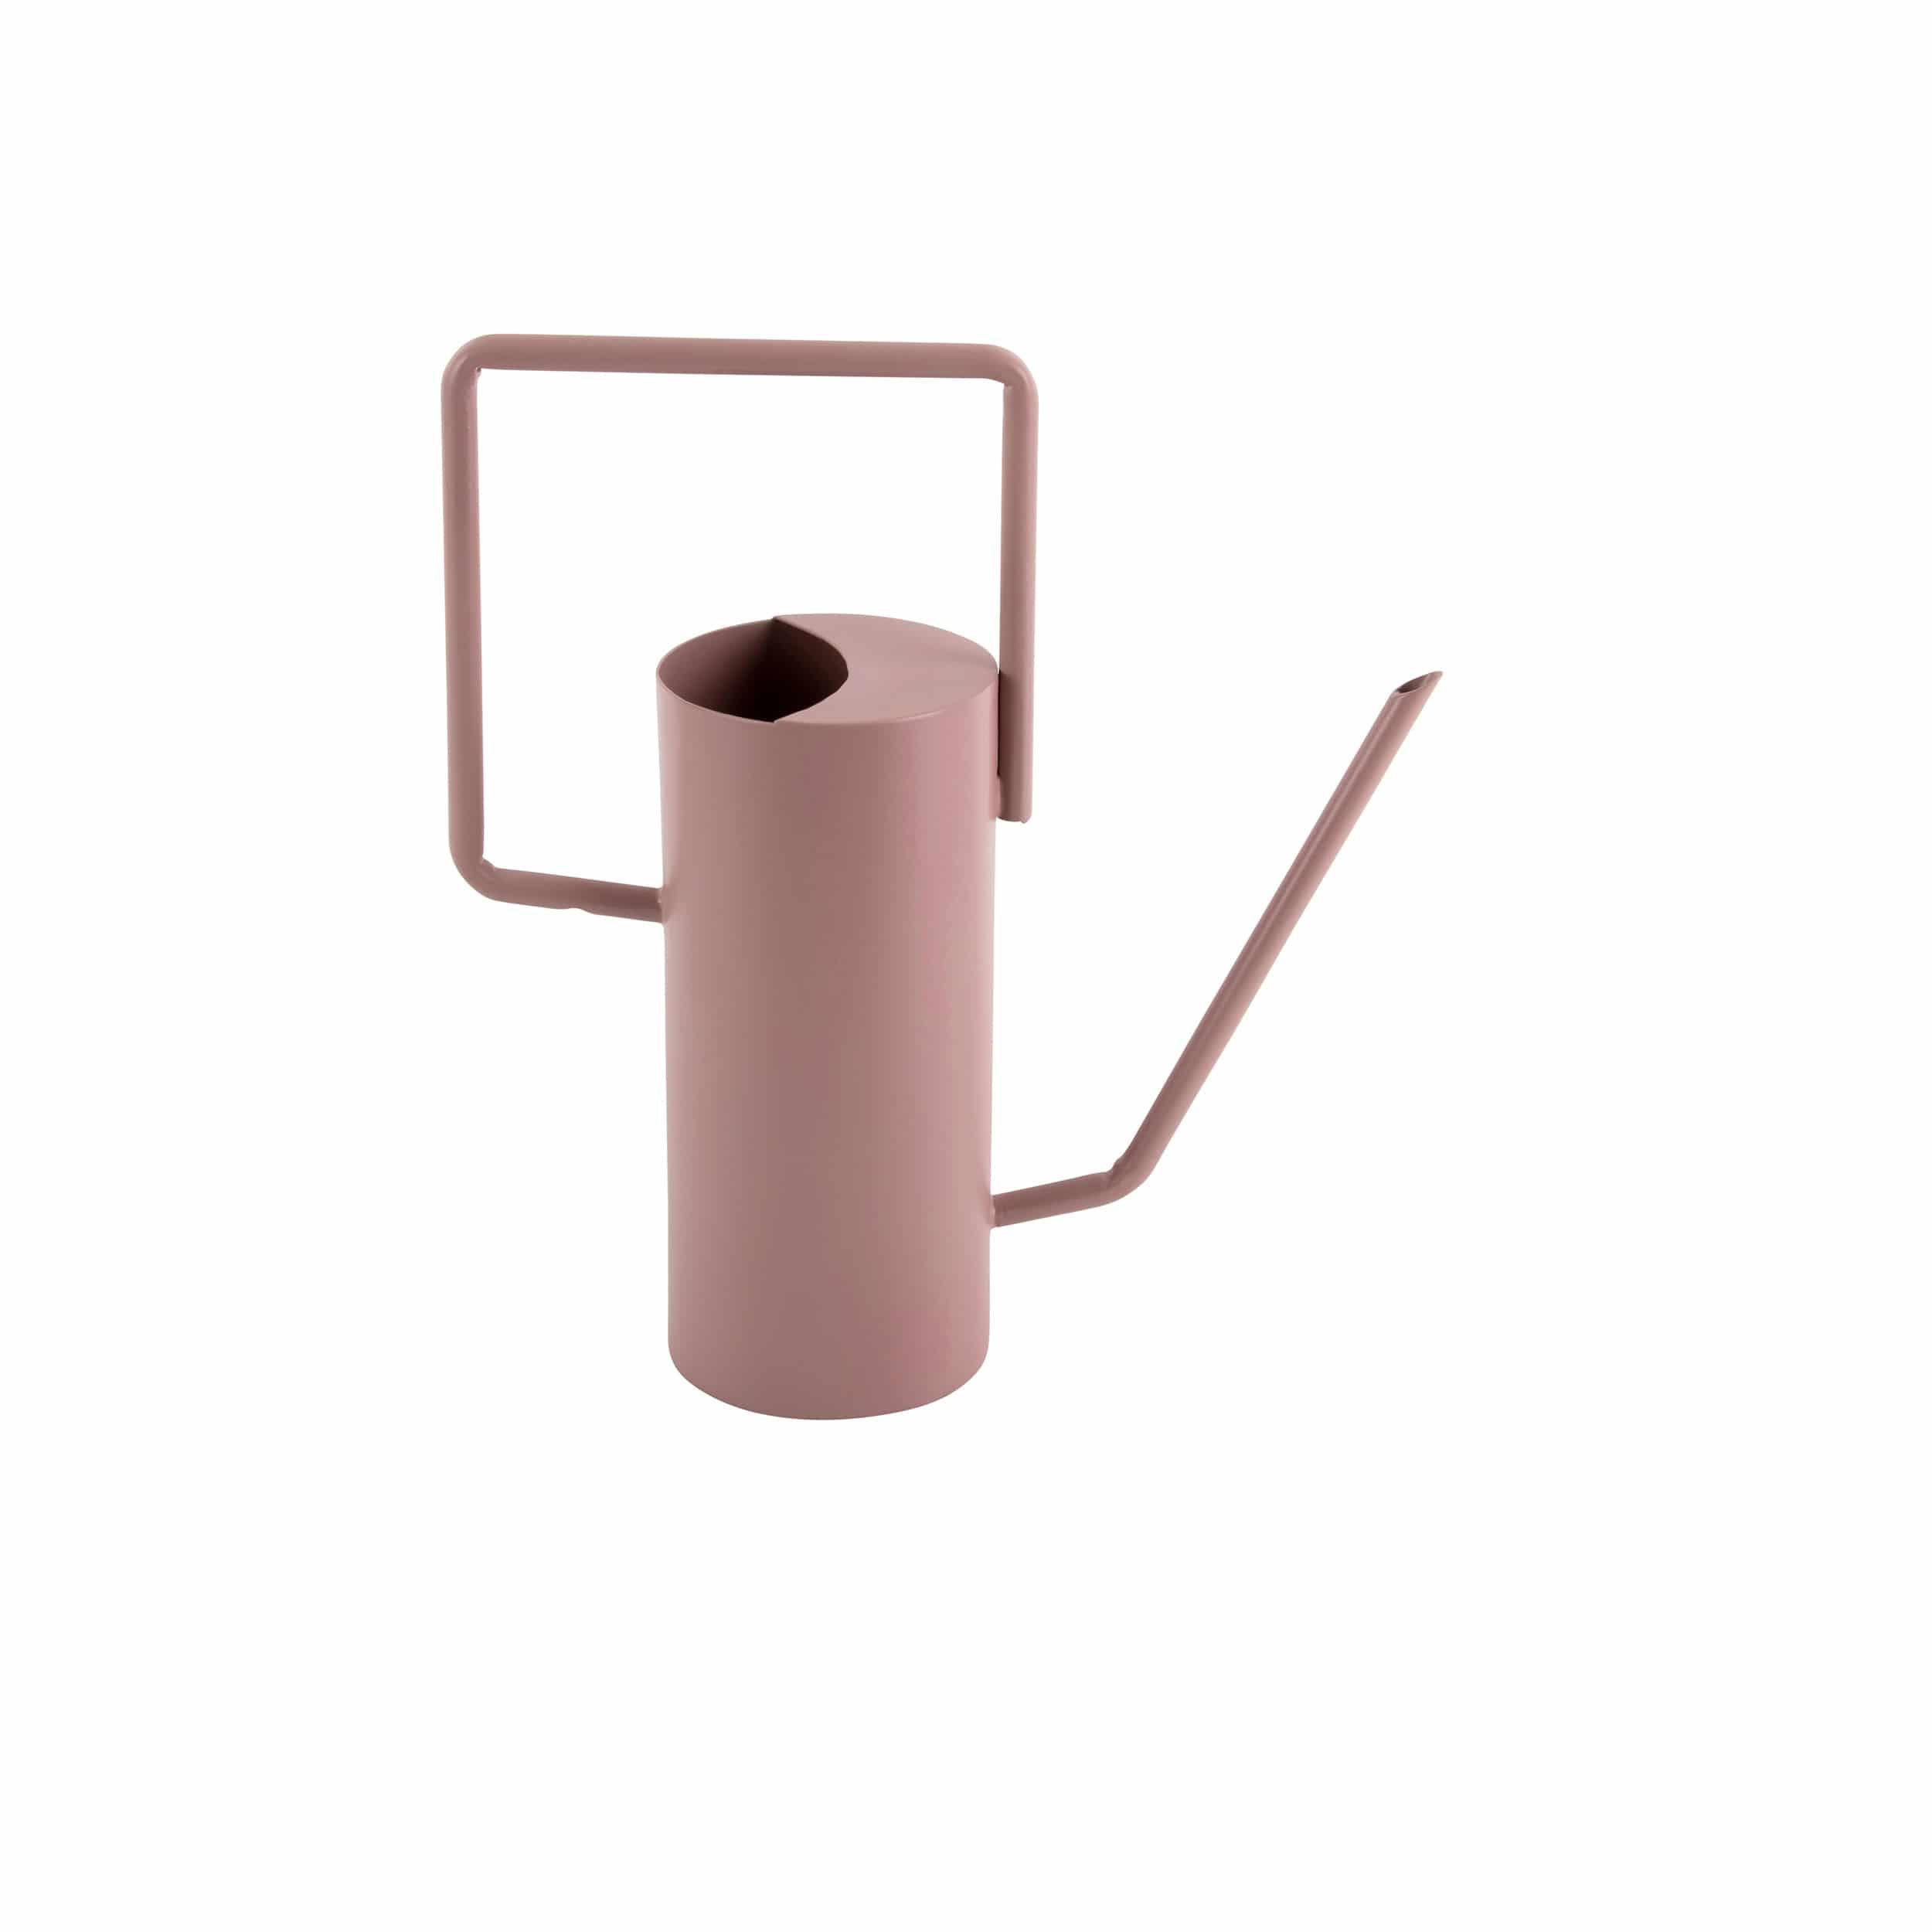 Gießkanne Grace aus Eisen 1,2 L rosa